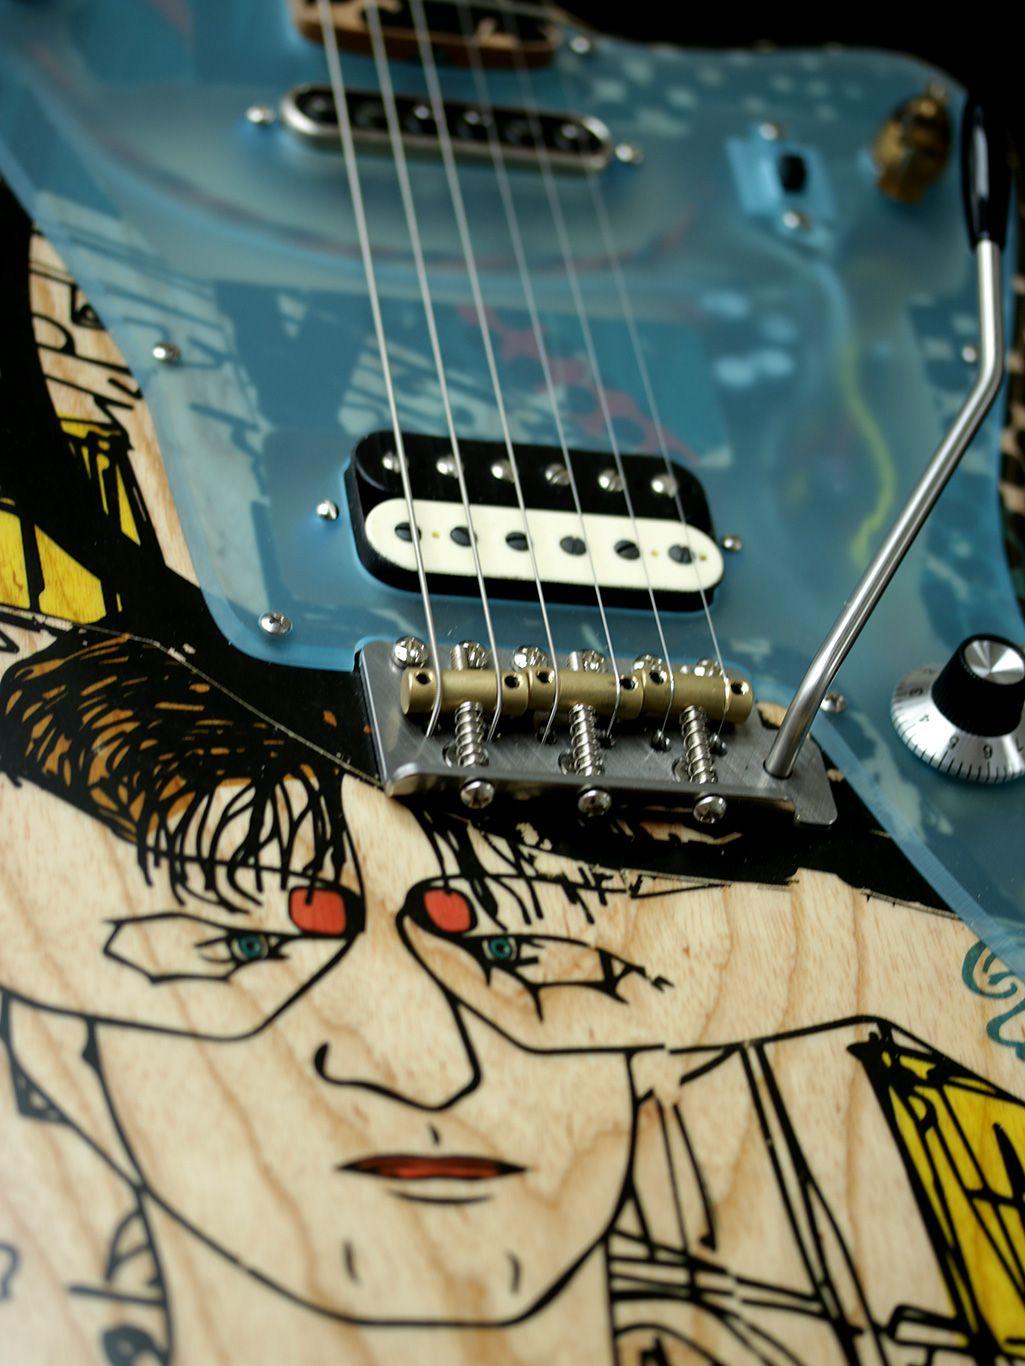 Deimel Firestar Artist Edition Berlin Tonight Art By Kora Junger Guitar Art Cool Guitar Guitar Painting